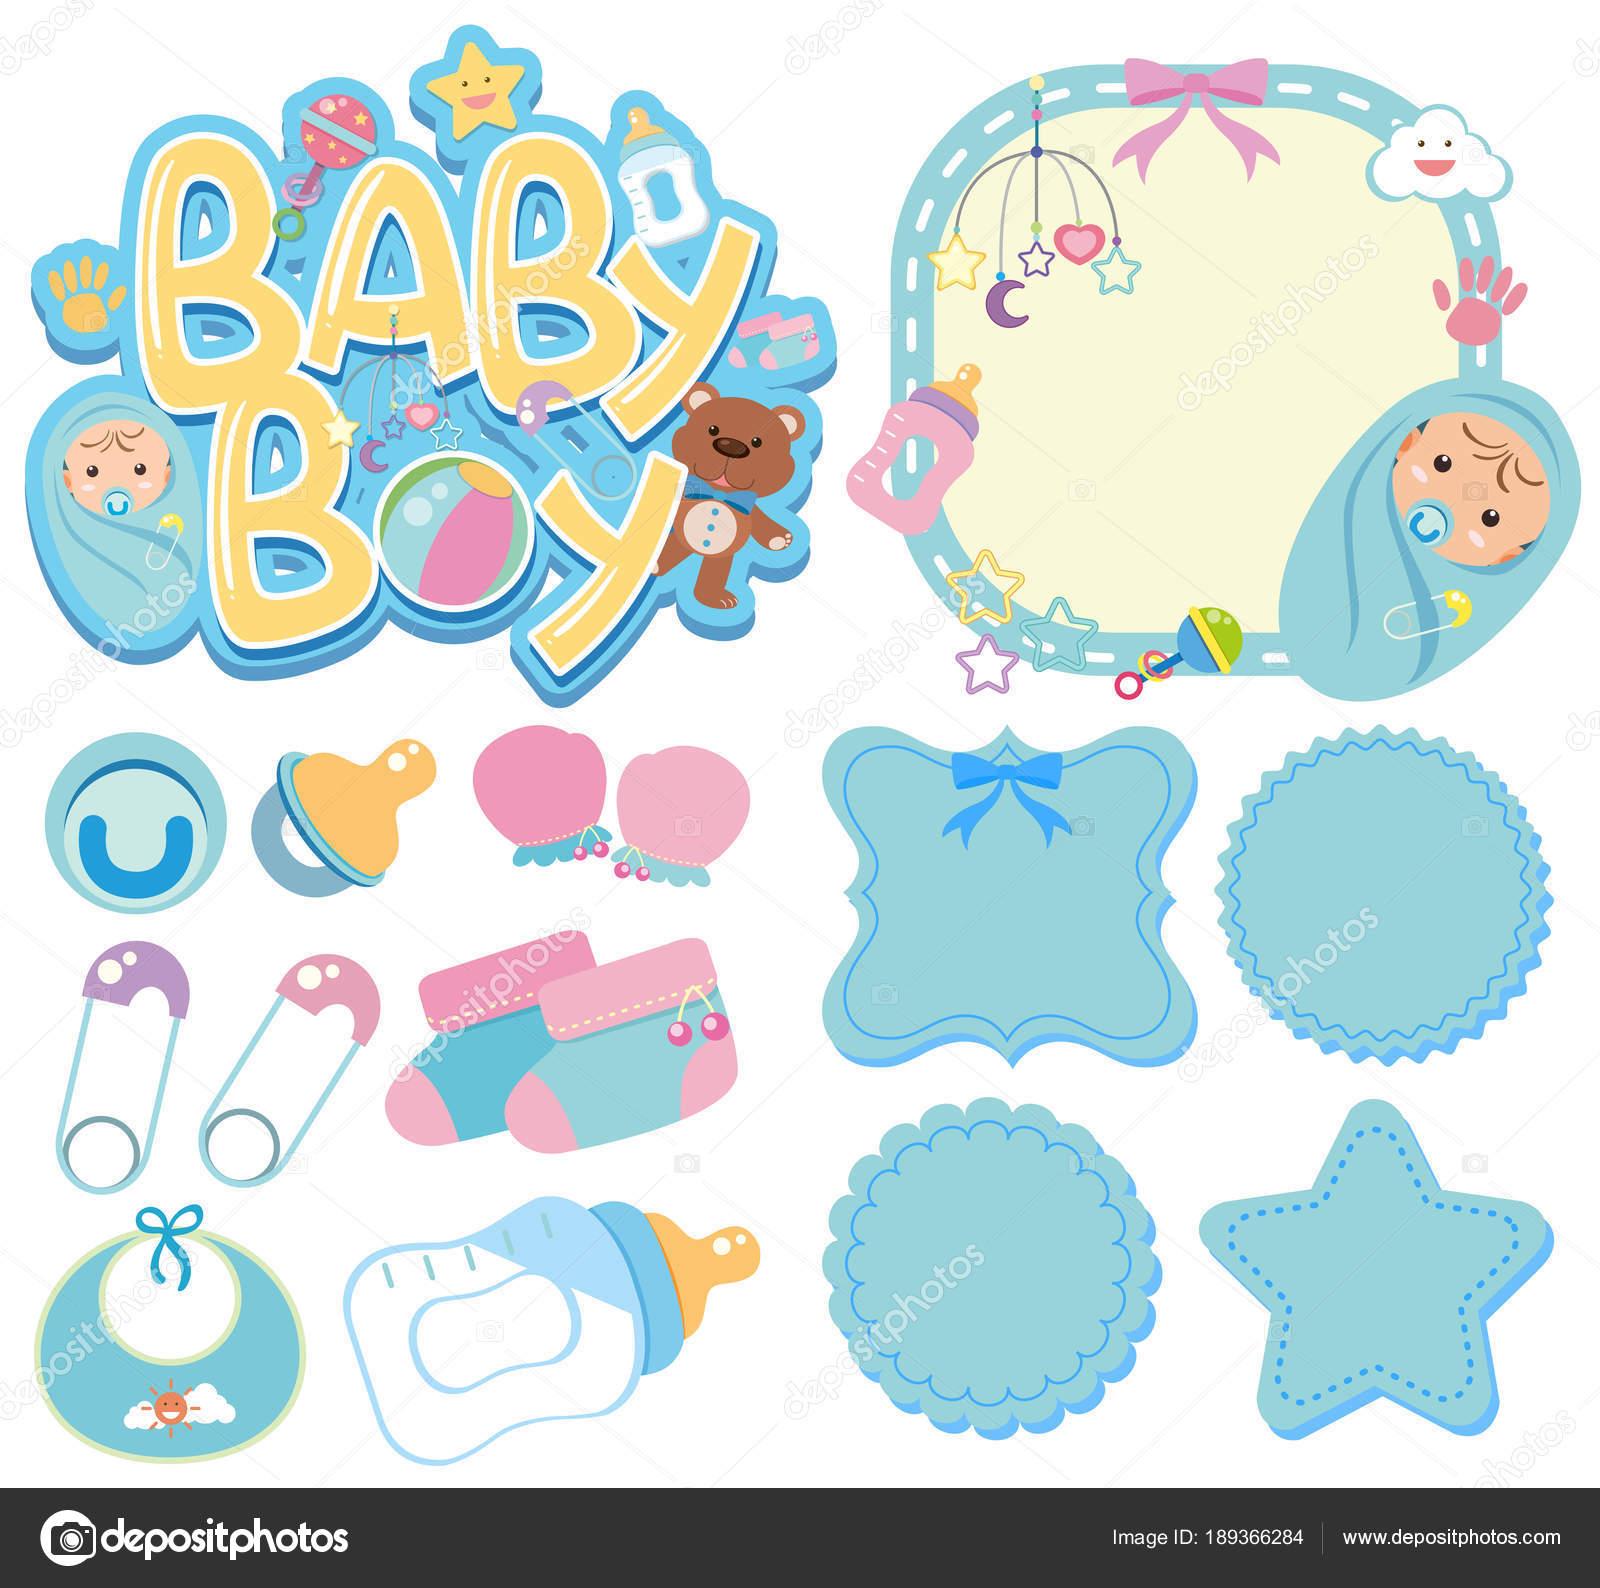 banner templates for baby boy stock vector brgfx 189366284